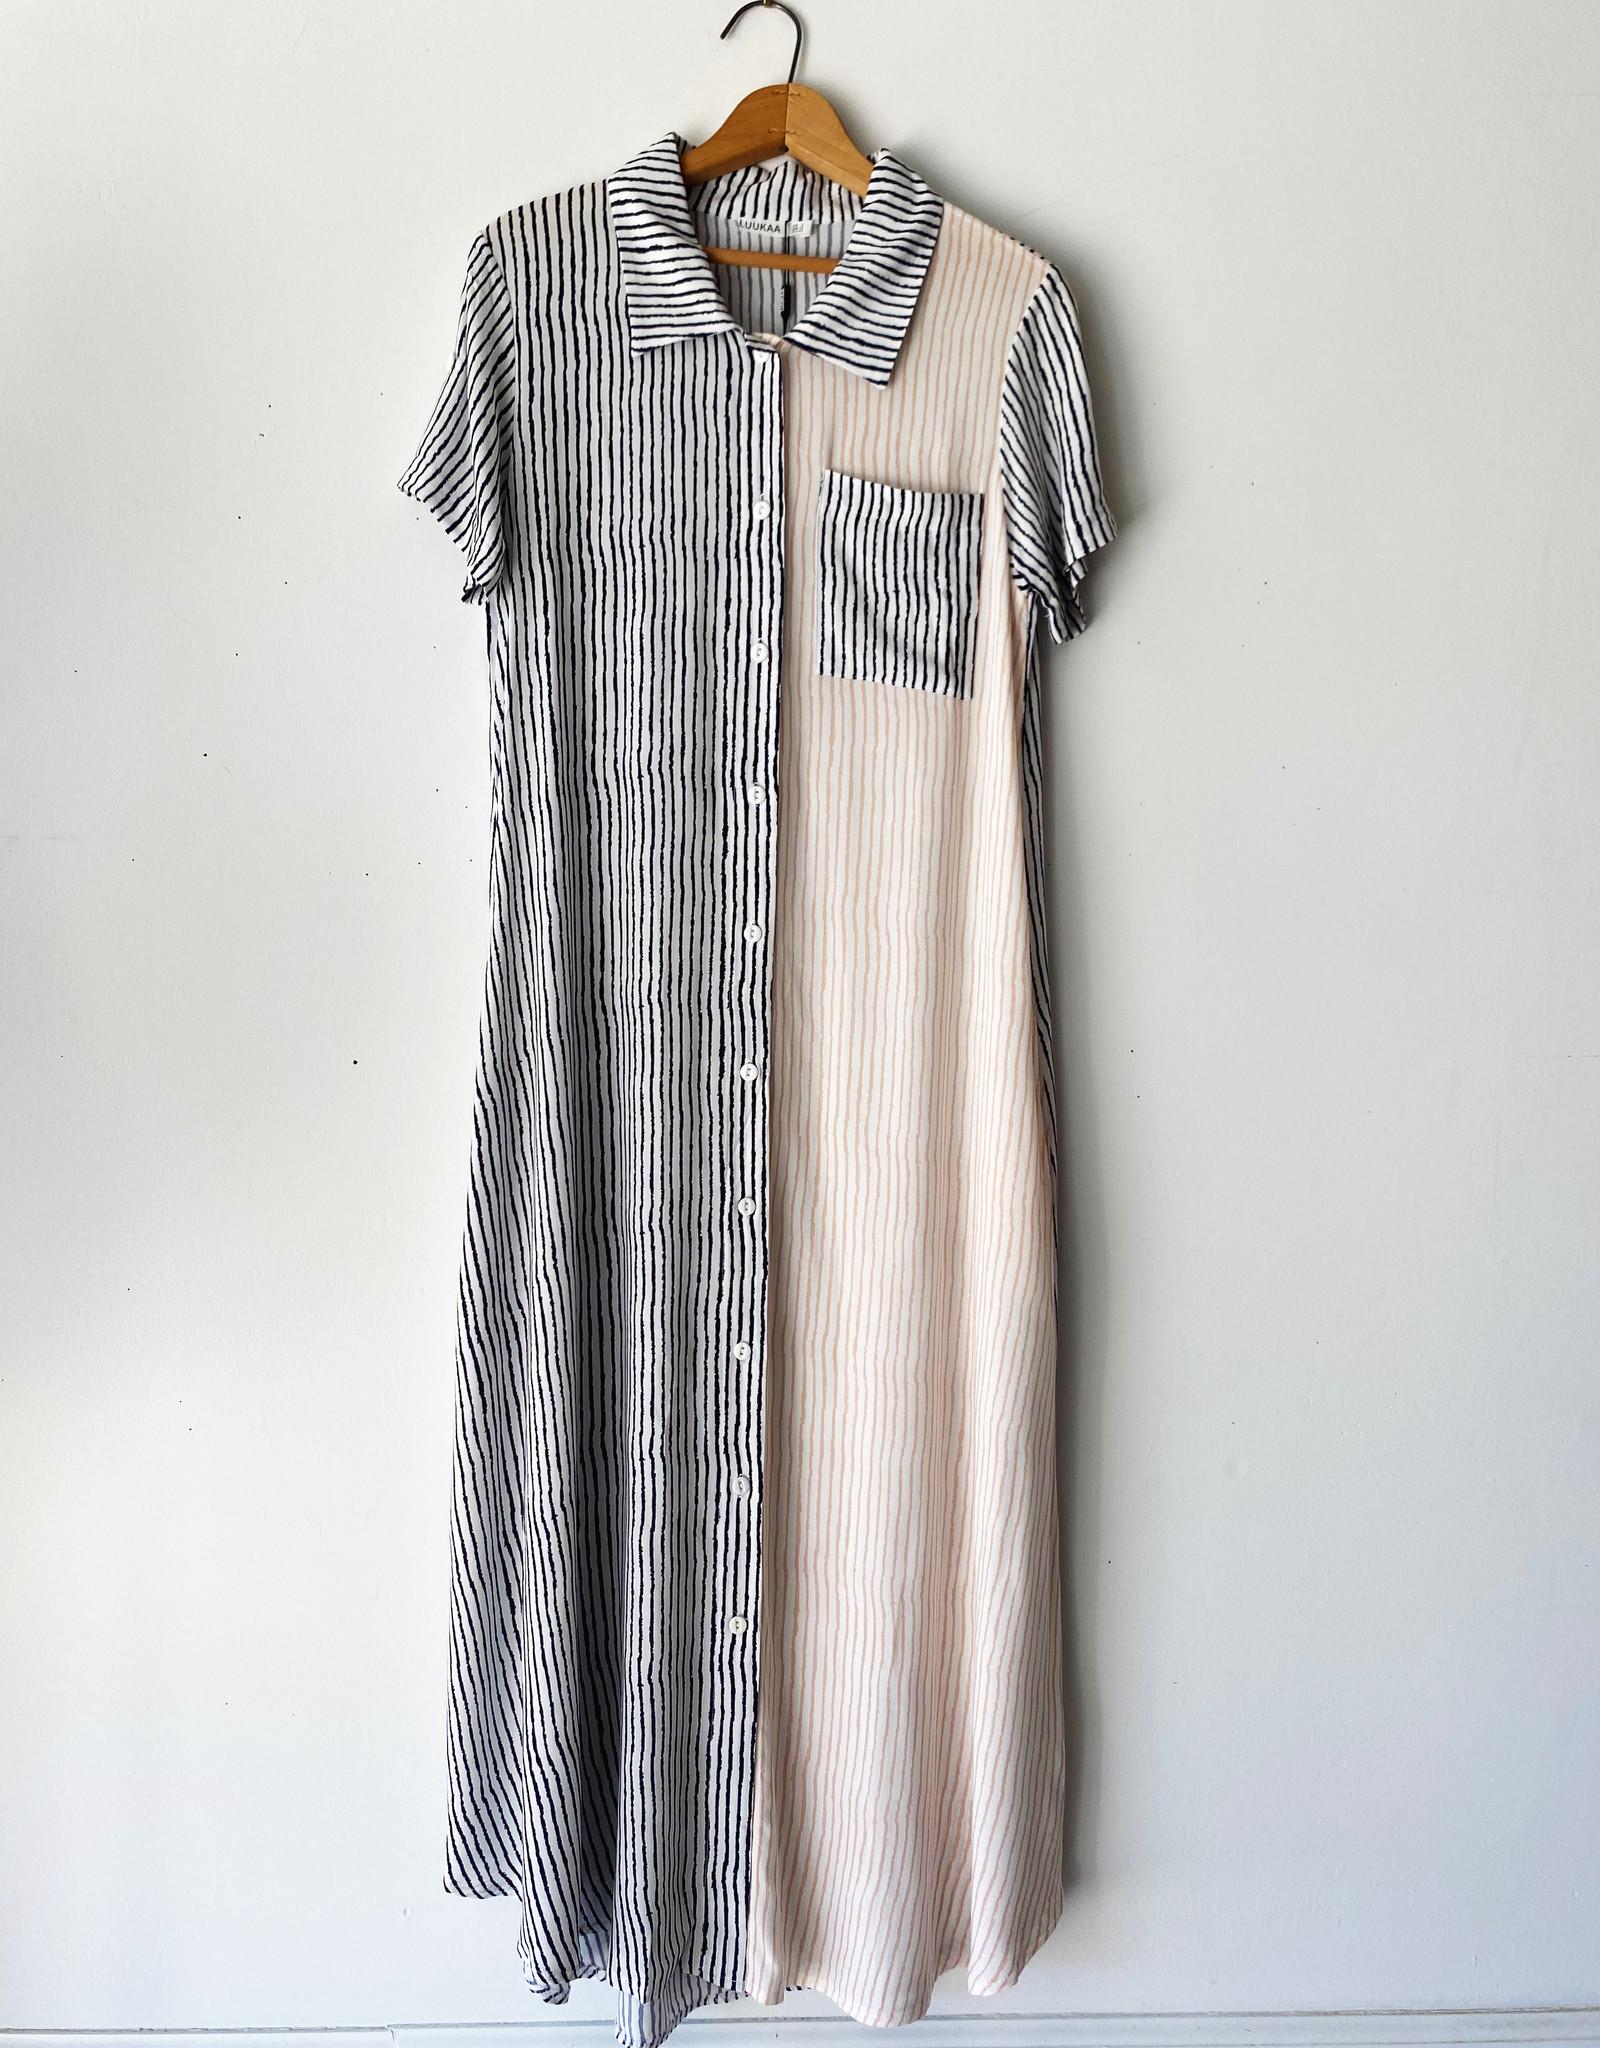 LUUKAA 20Y0512 LUUKAA SHIRT DRESS